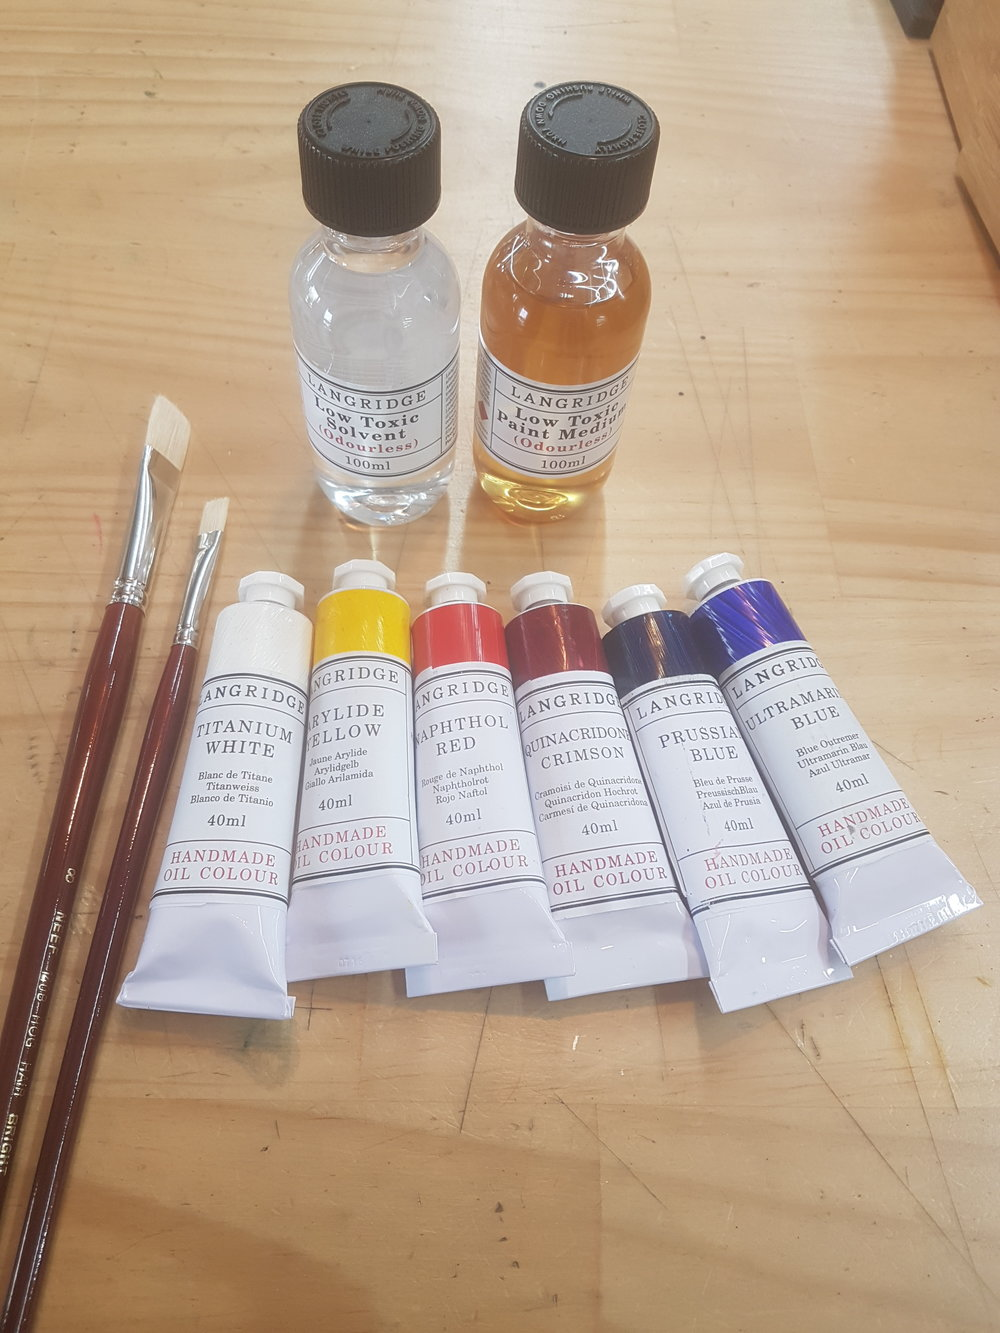 Basic Kit suggestion for Beginner Oil Painters